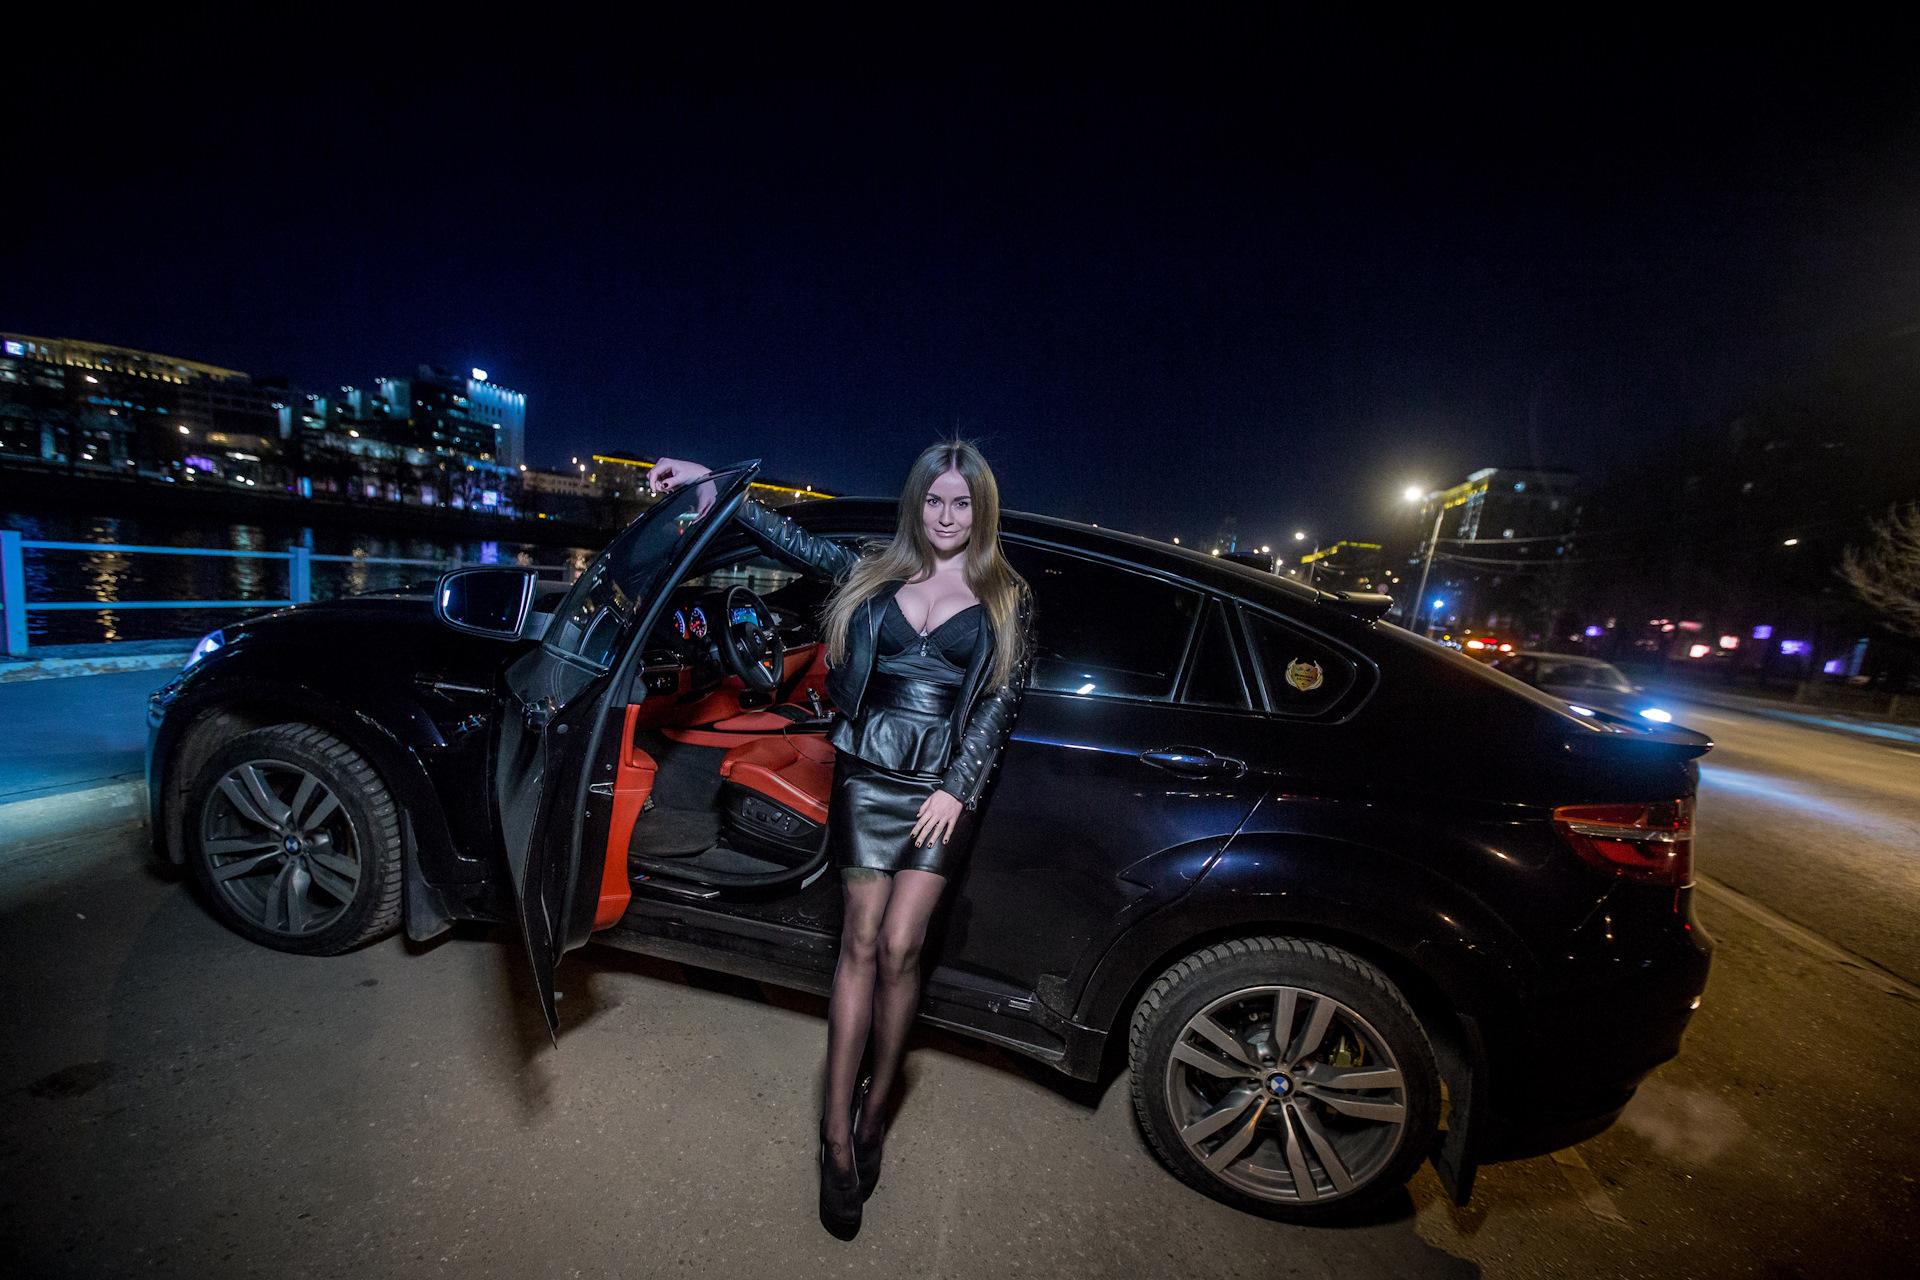 ночная фотосессия в москве для авто фотосъемки придётся душе